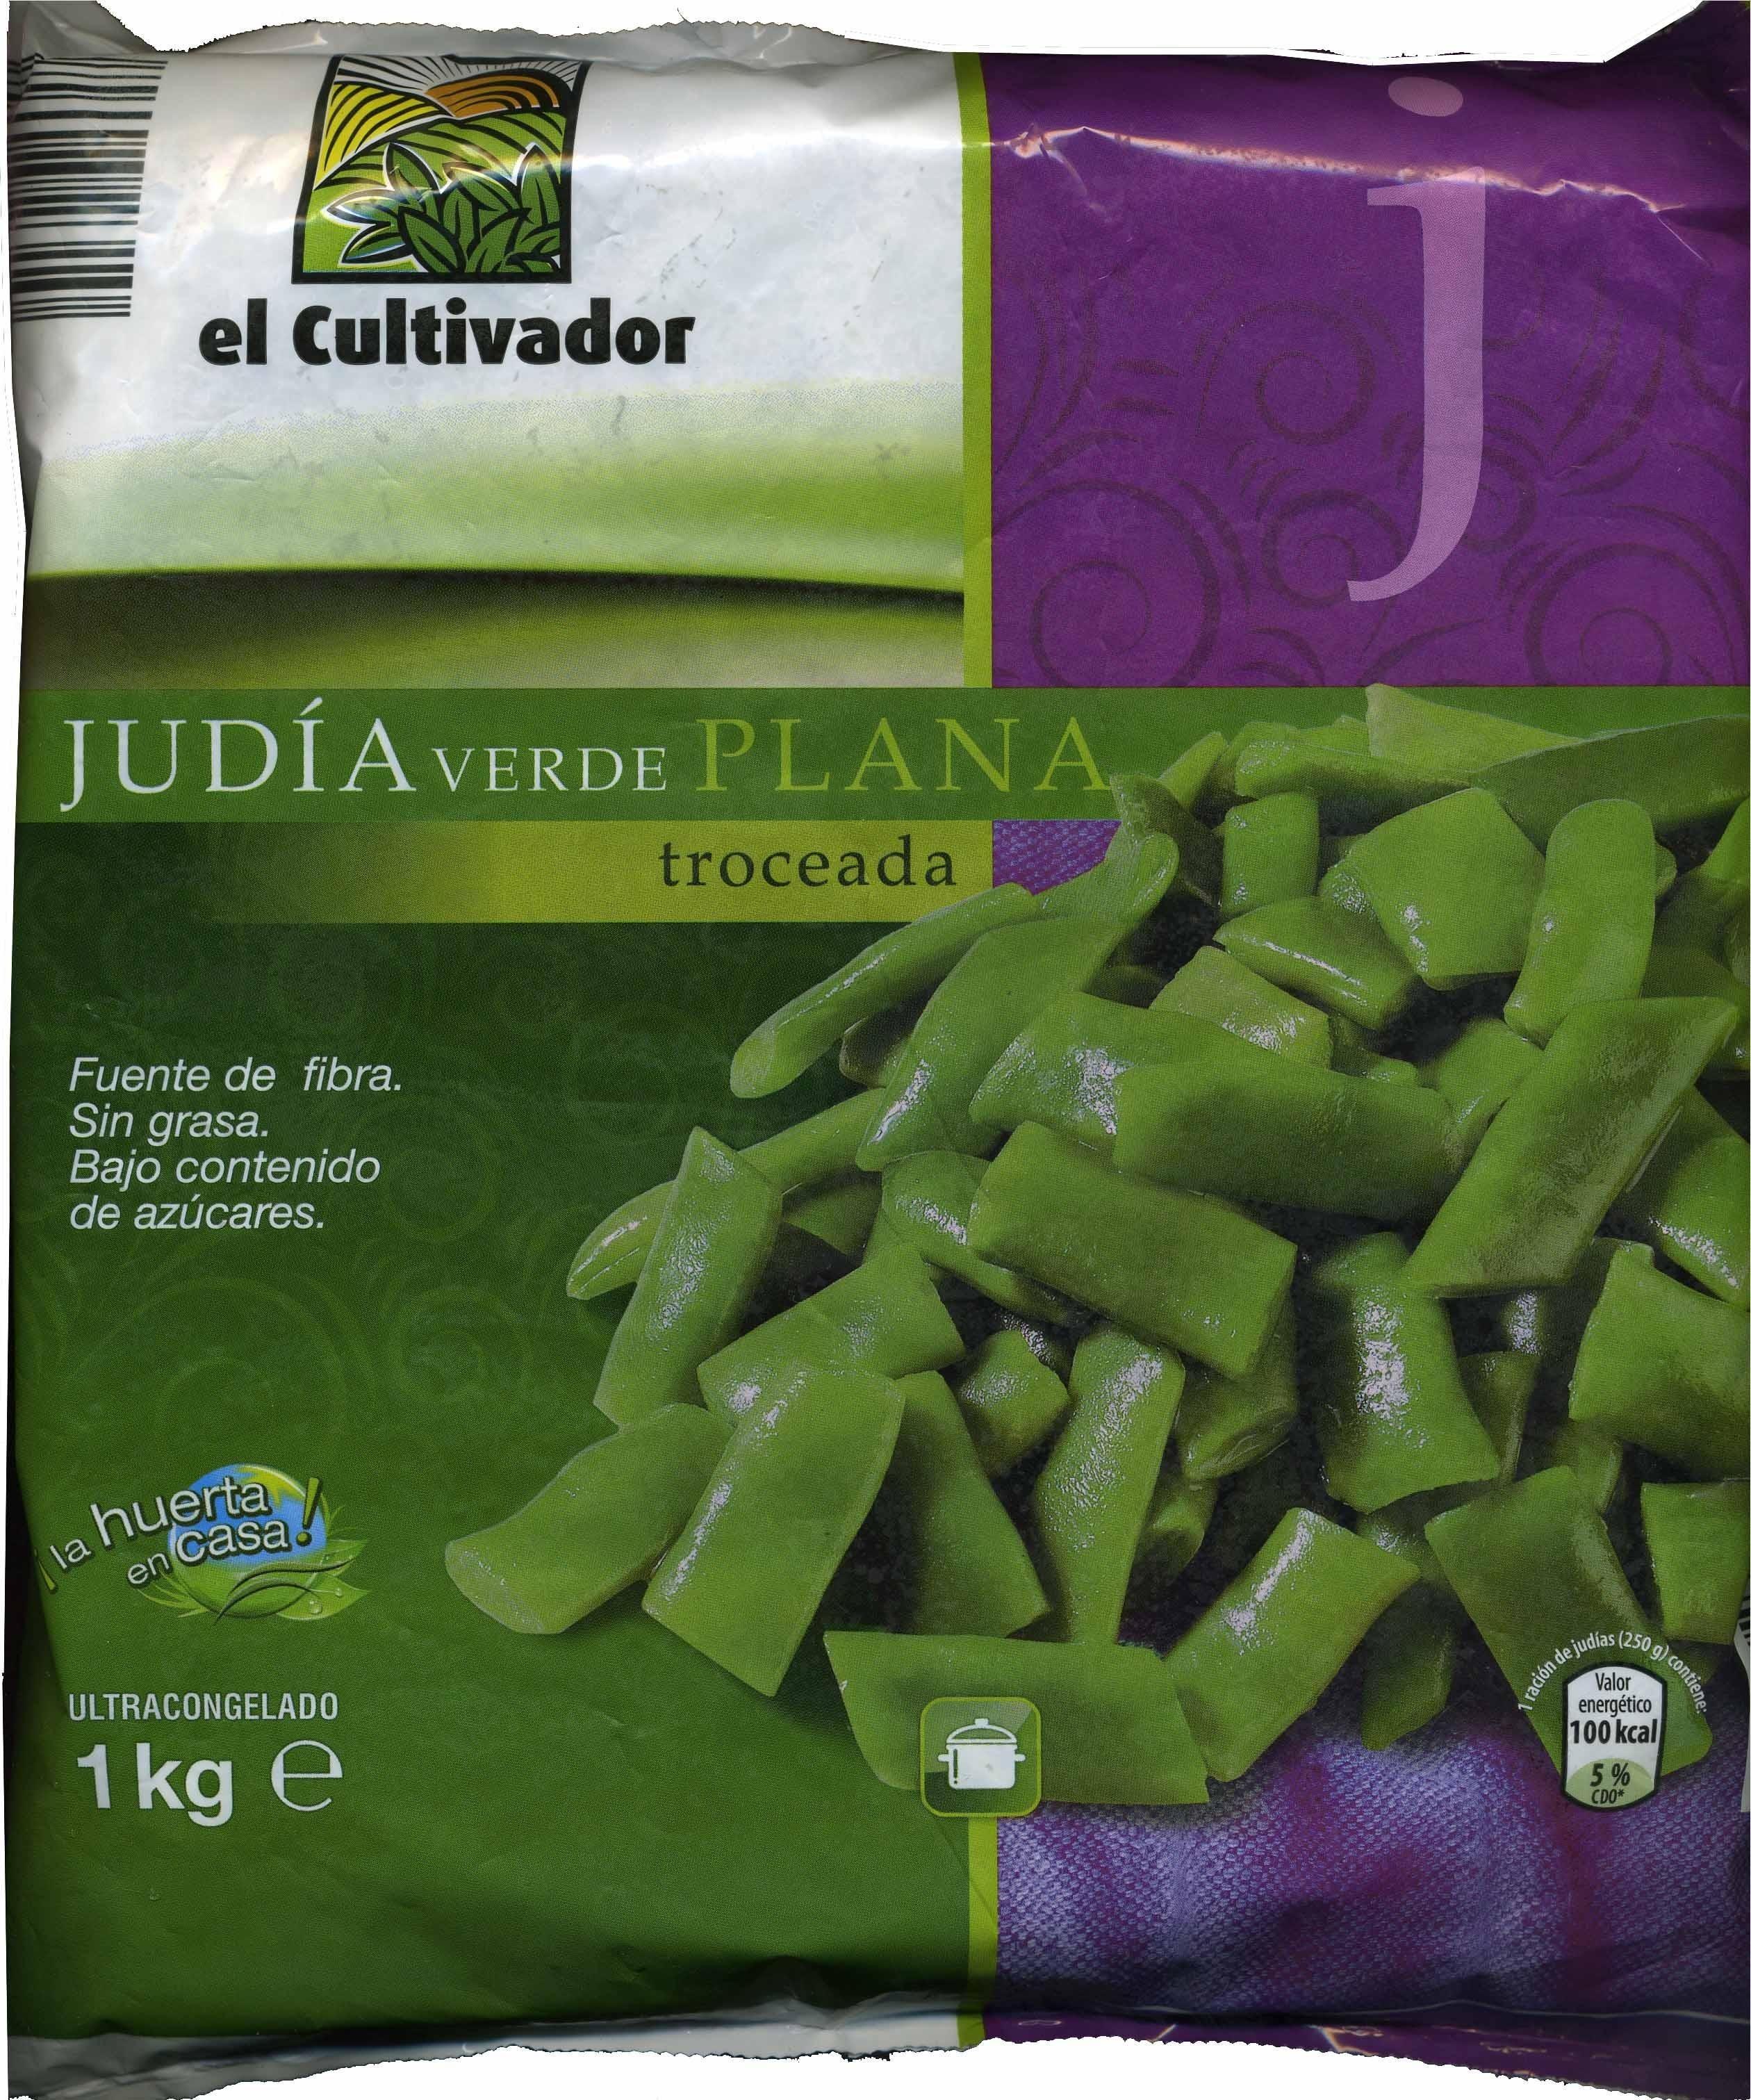 Judia verde plana troceada - Product - es